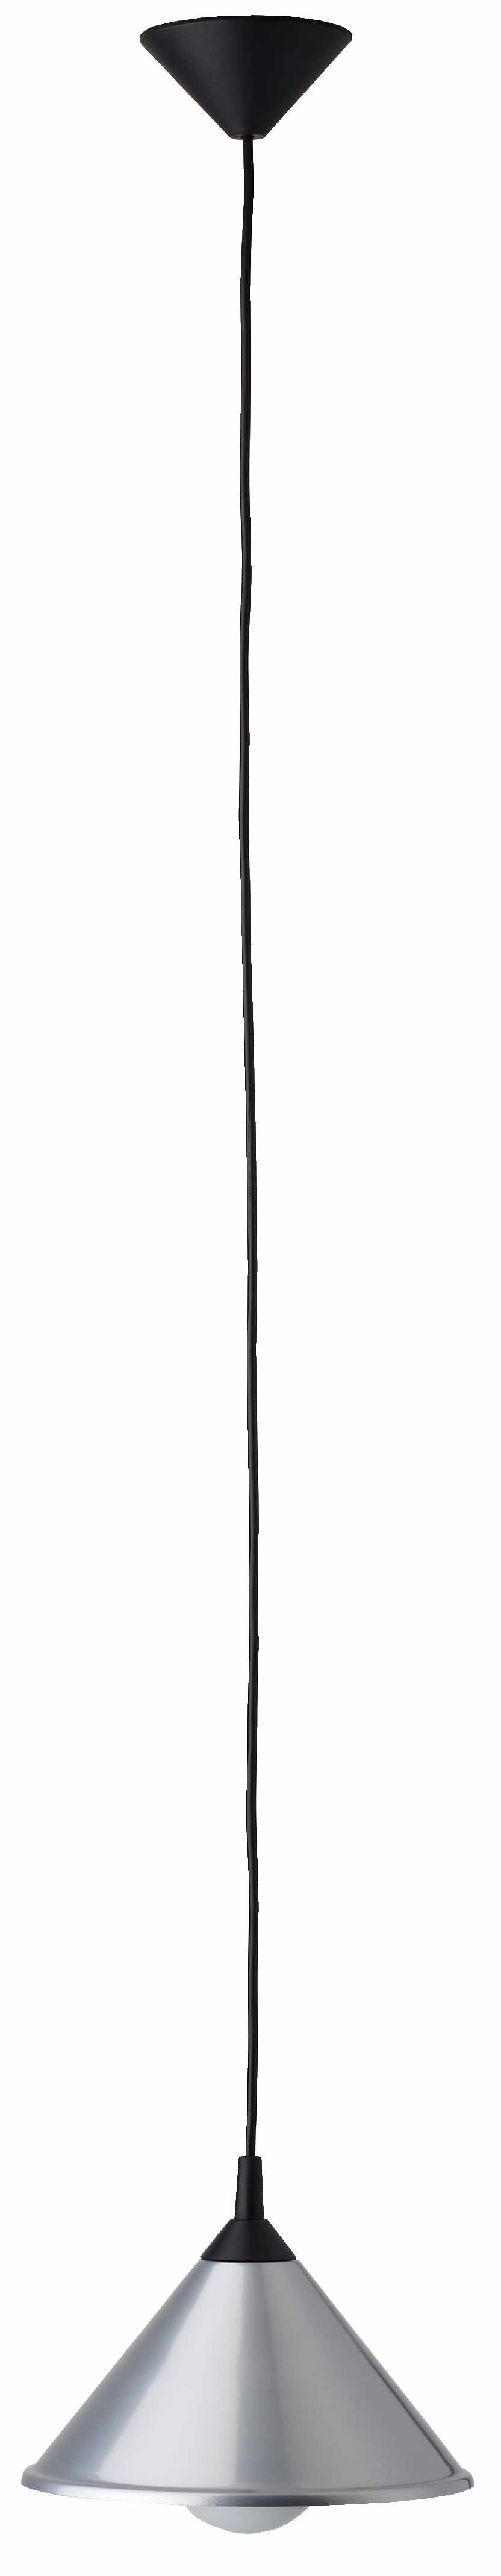 BISTRO Satynowa, chromowana lampa wisząca